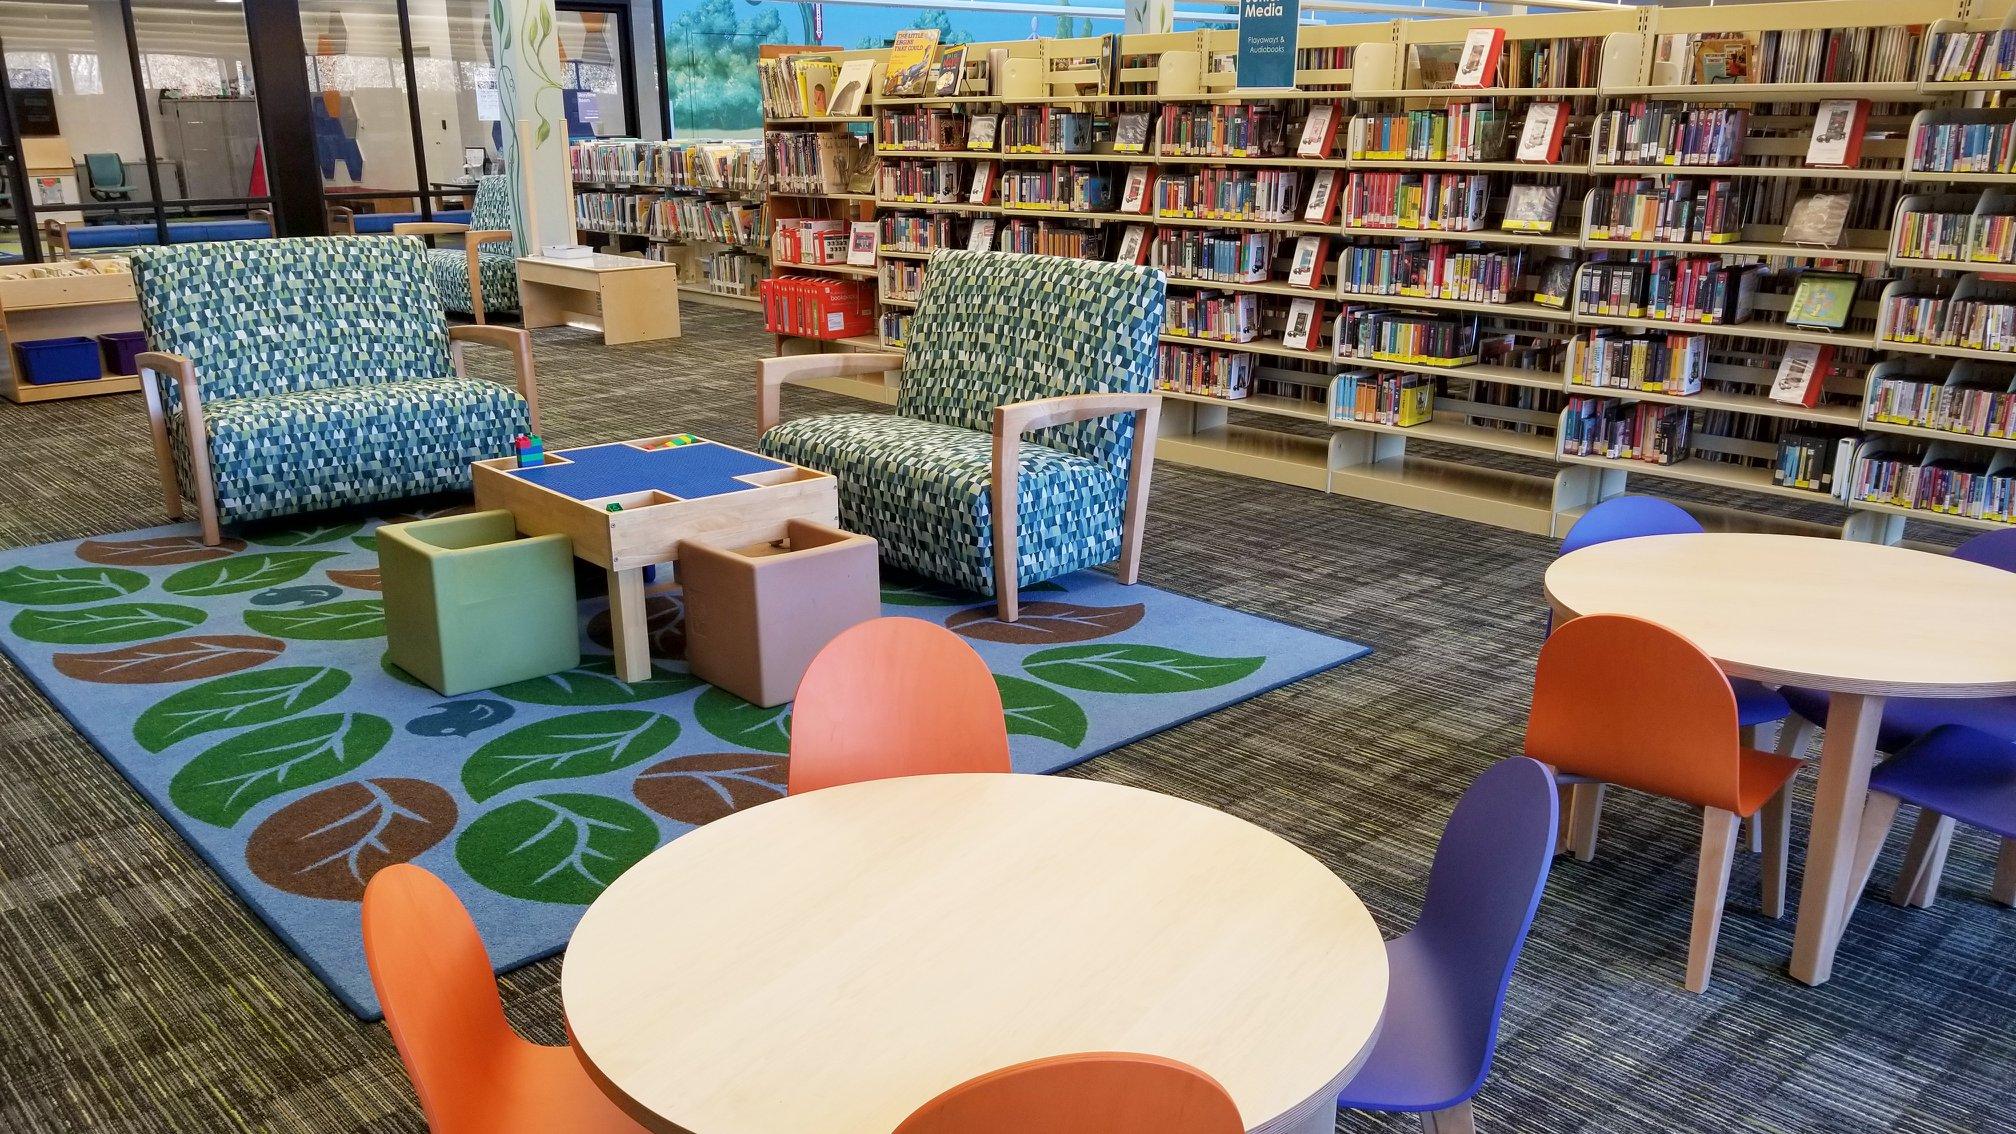 Schimelpfenig Library, Plano